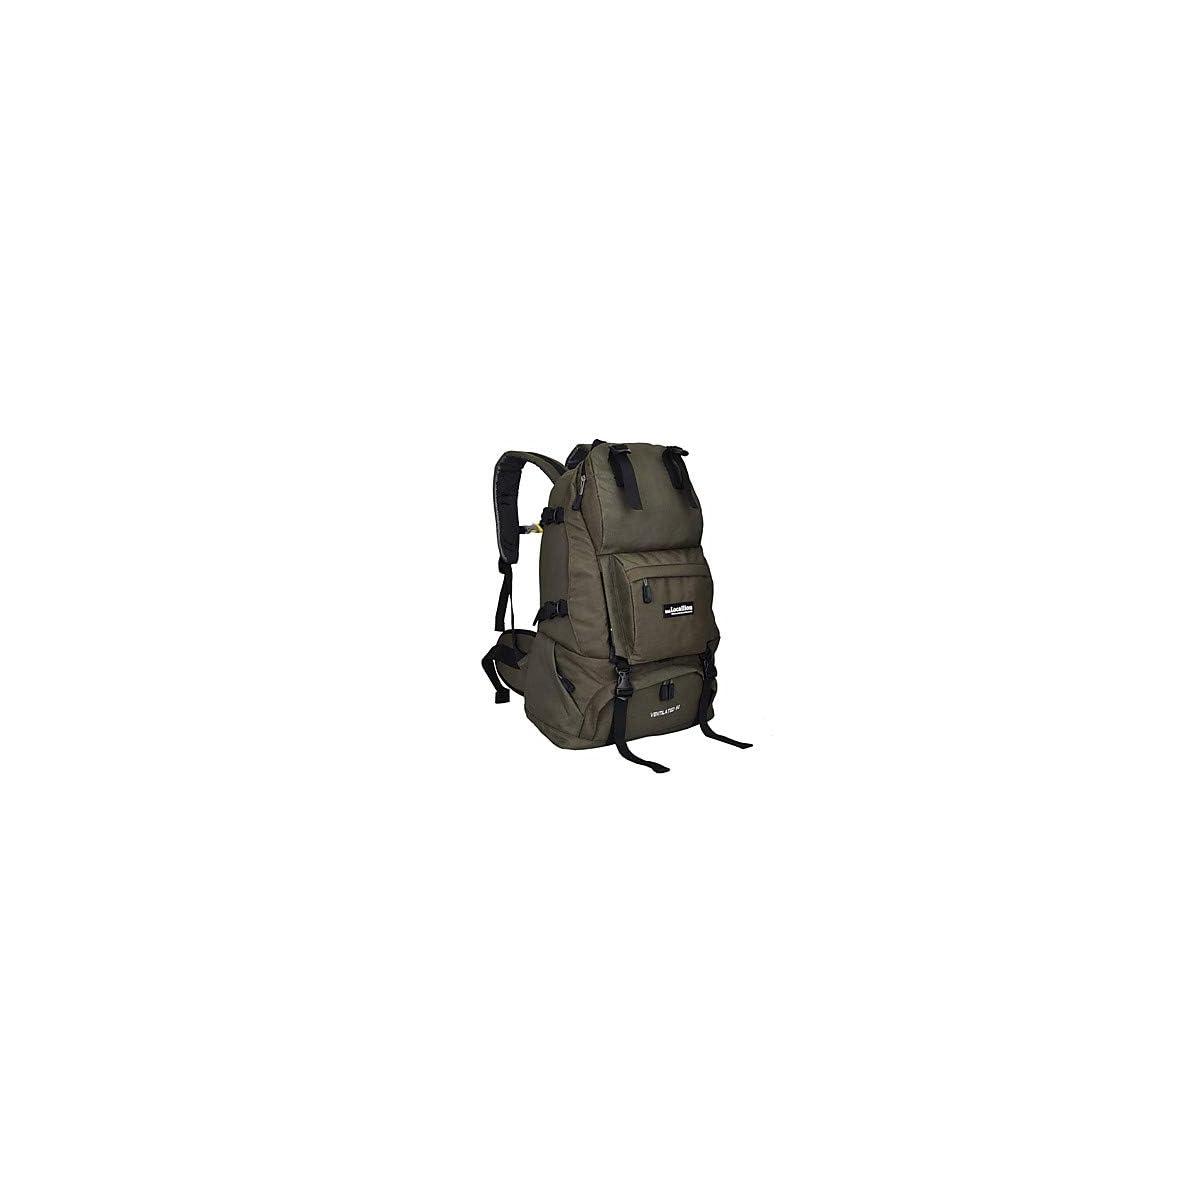 31HjhOaILpL. SS1200  - Beibao 60 L Paquetes de Mochilas de Camping/Bolsa de Viaje/Organizador de Viaje/Mochila / MochilaAcampada y Senderismo/Escalar /